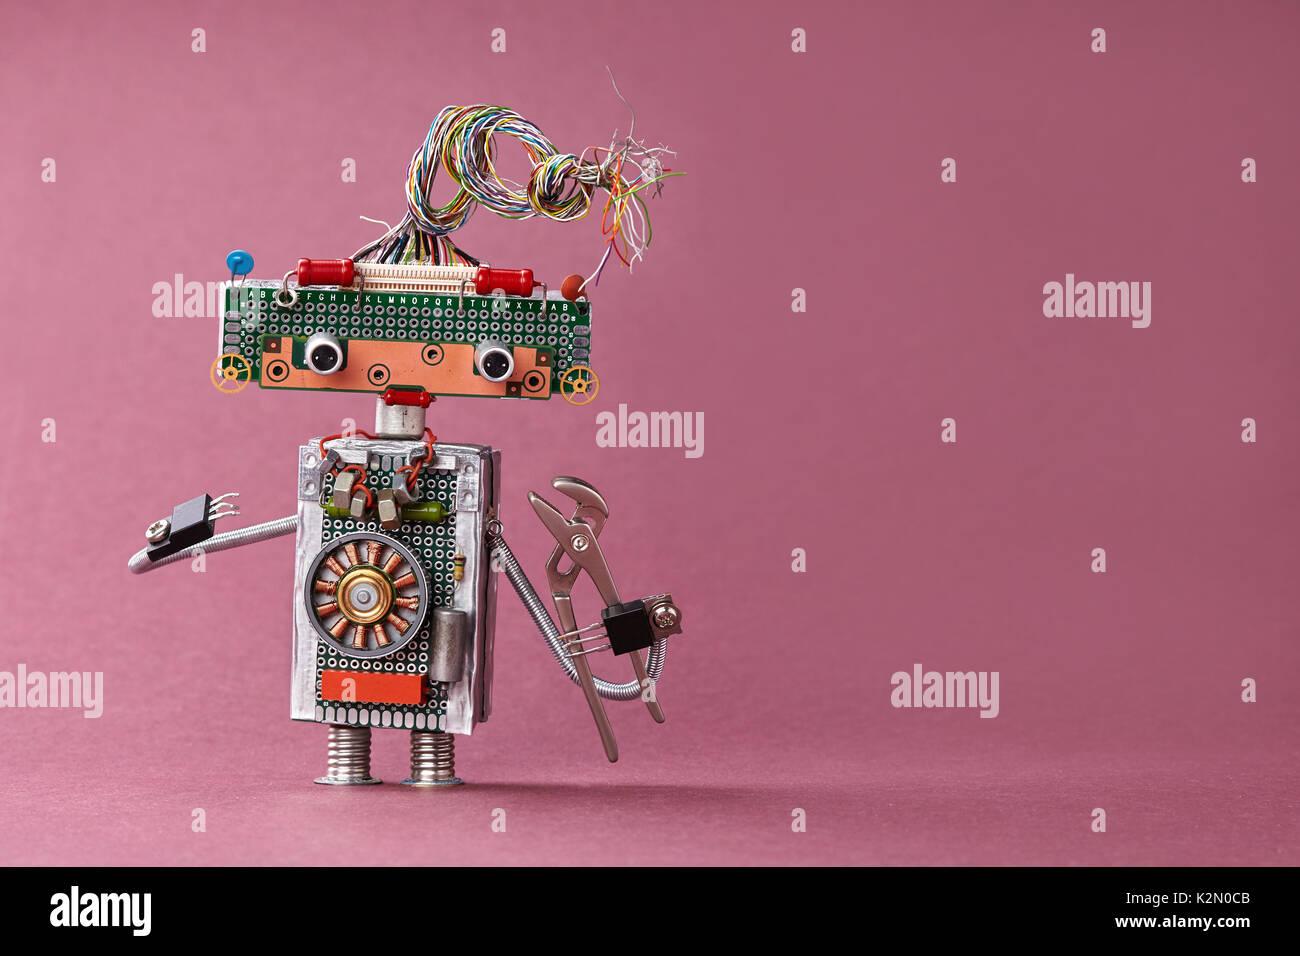 Kreatives Design Spielzeug Elektriker Zange in der Hand. Bunte ...